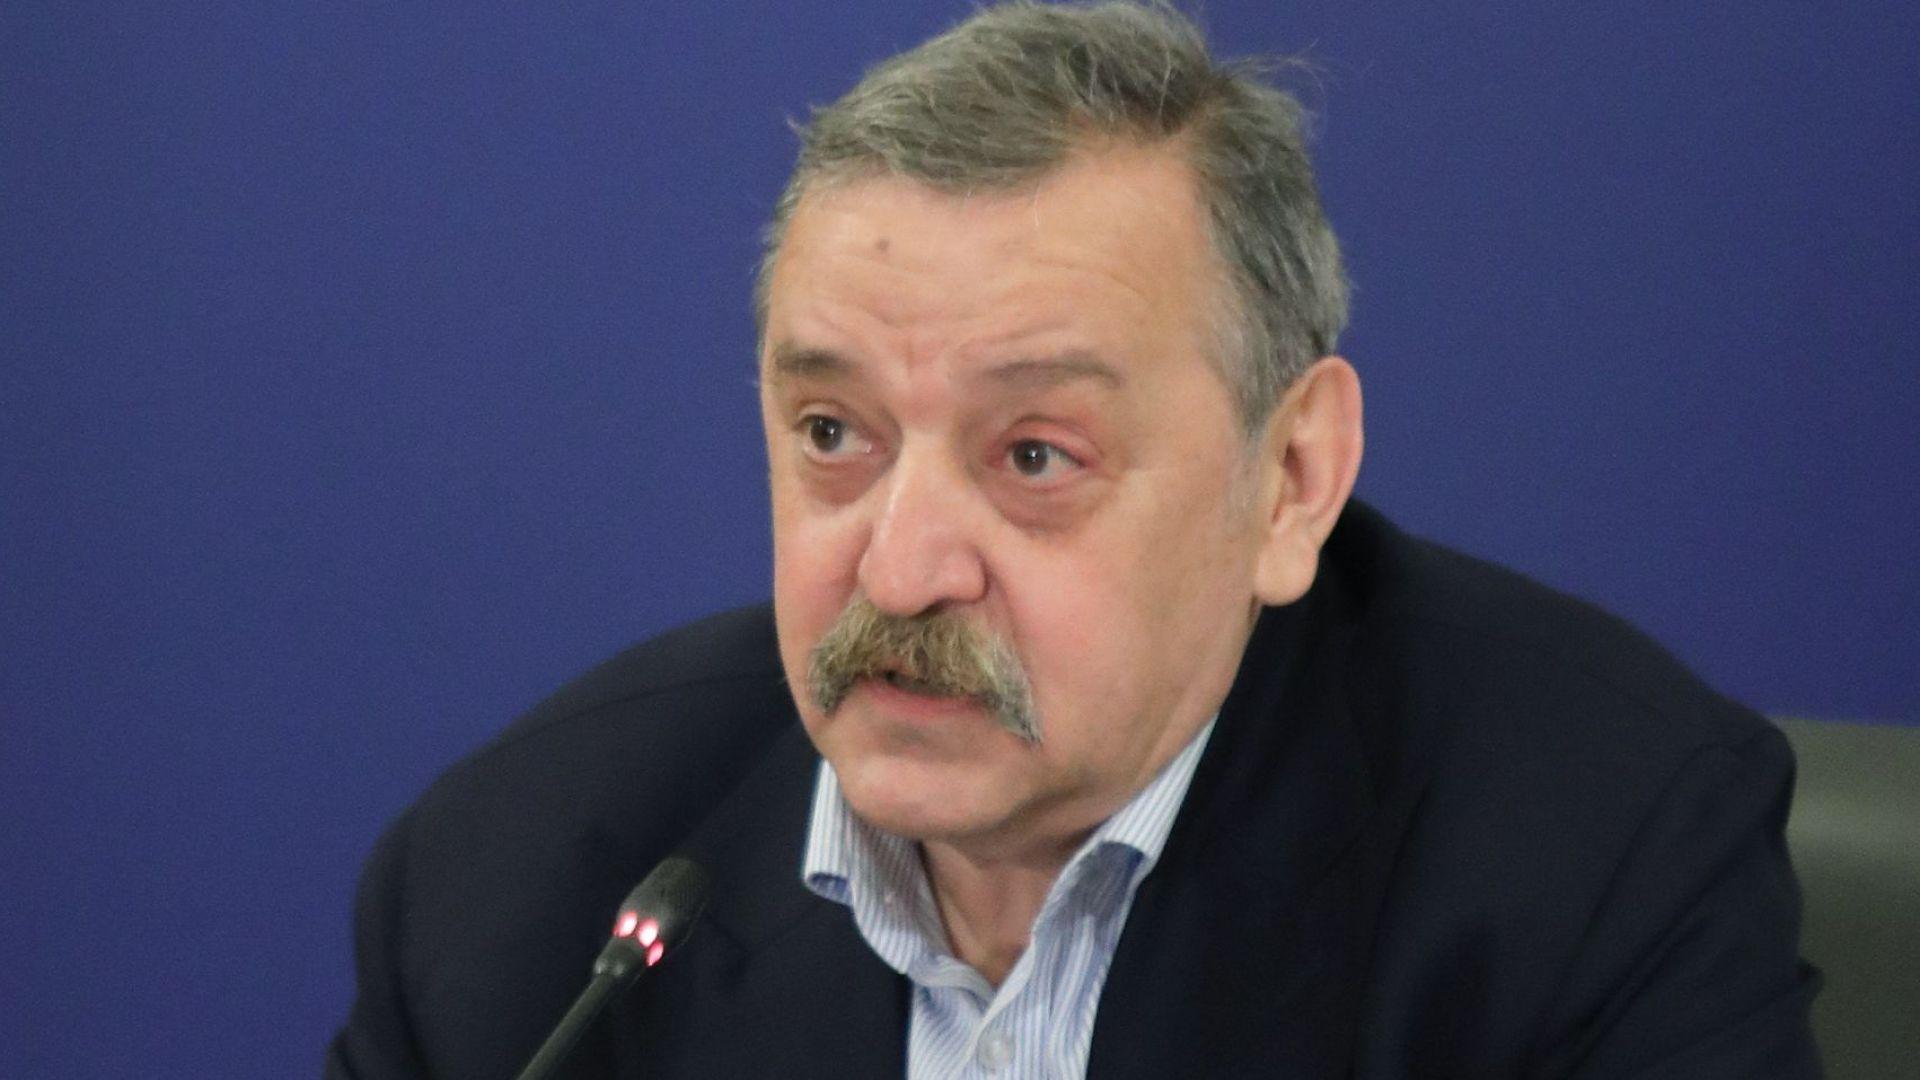 Проф. Кантарджиев: Загубата на обоняние е прогноза за леко минаване през COVID-19